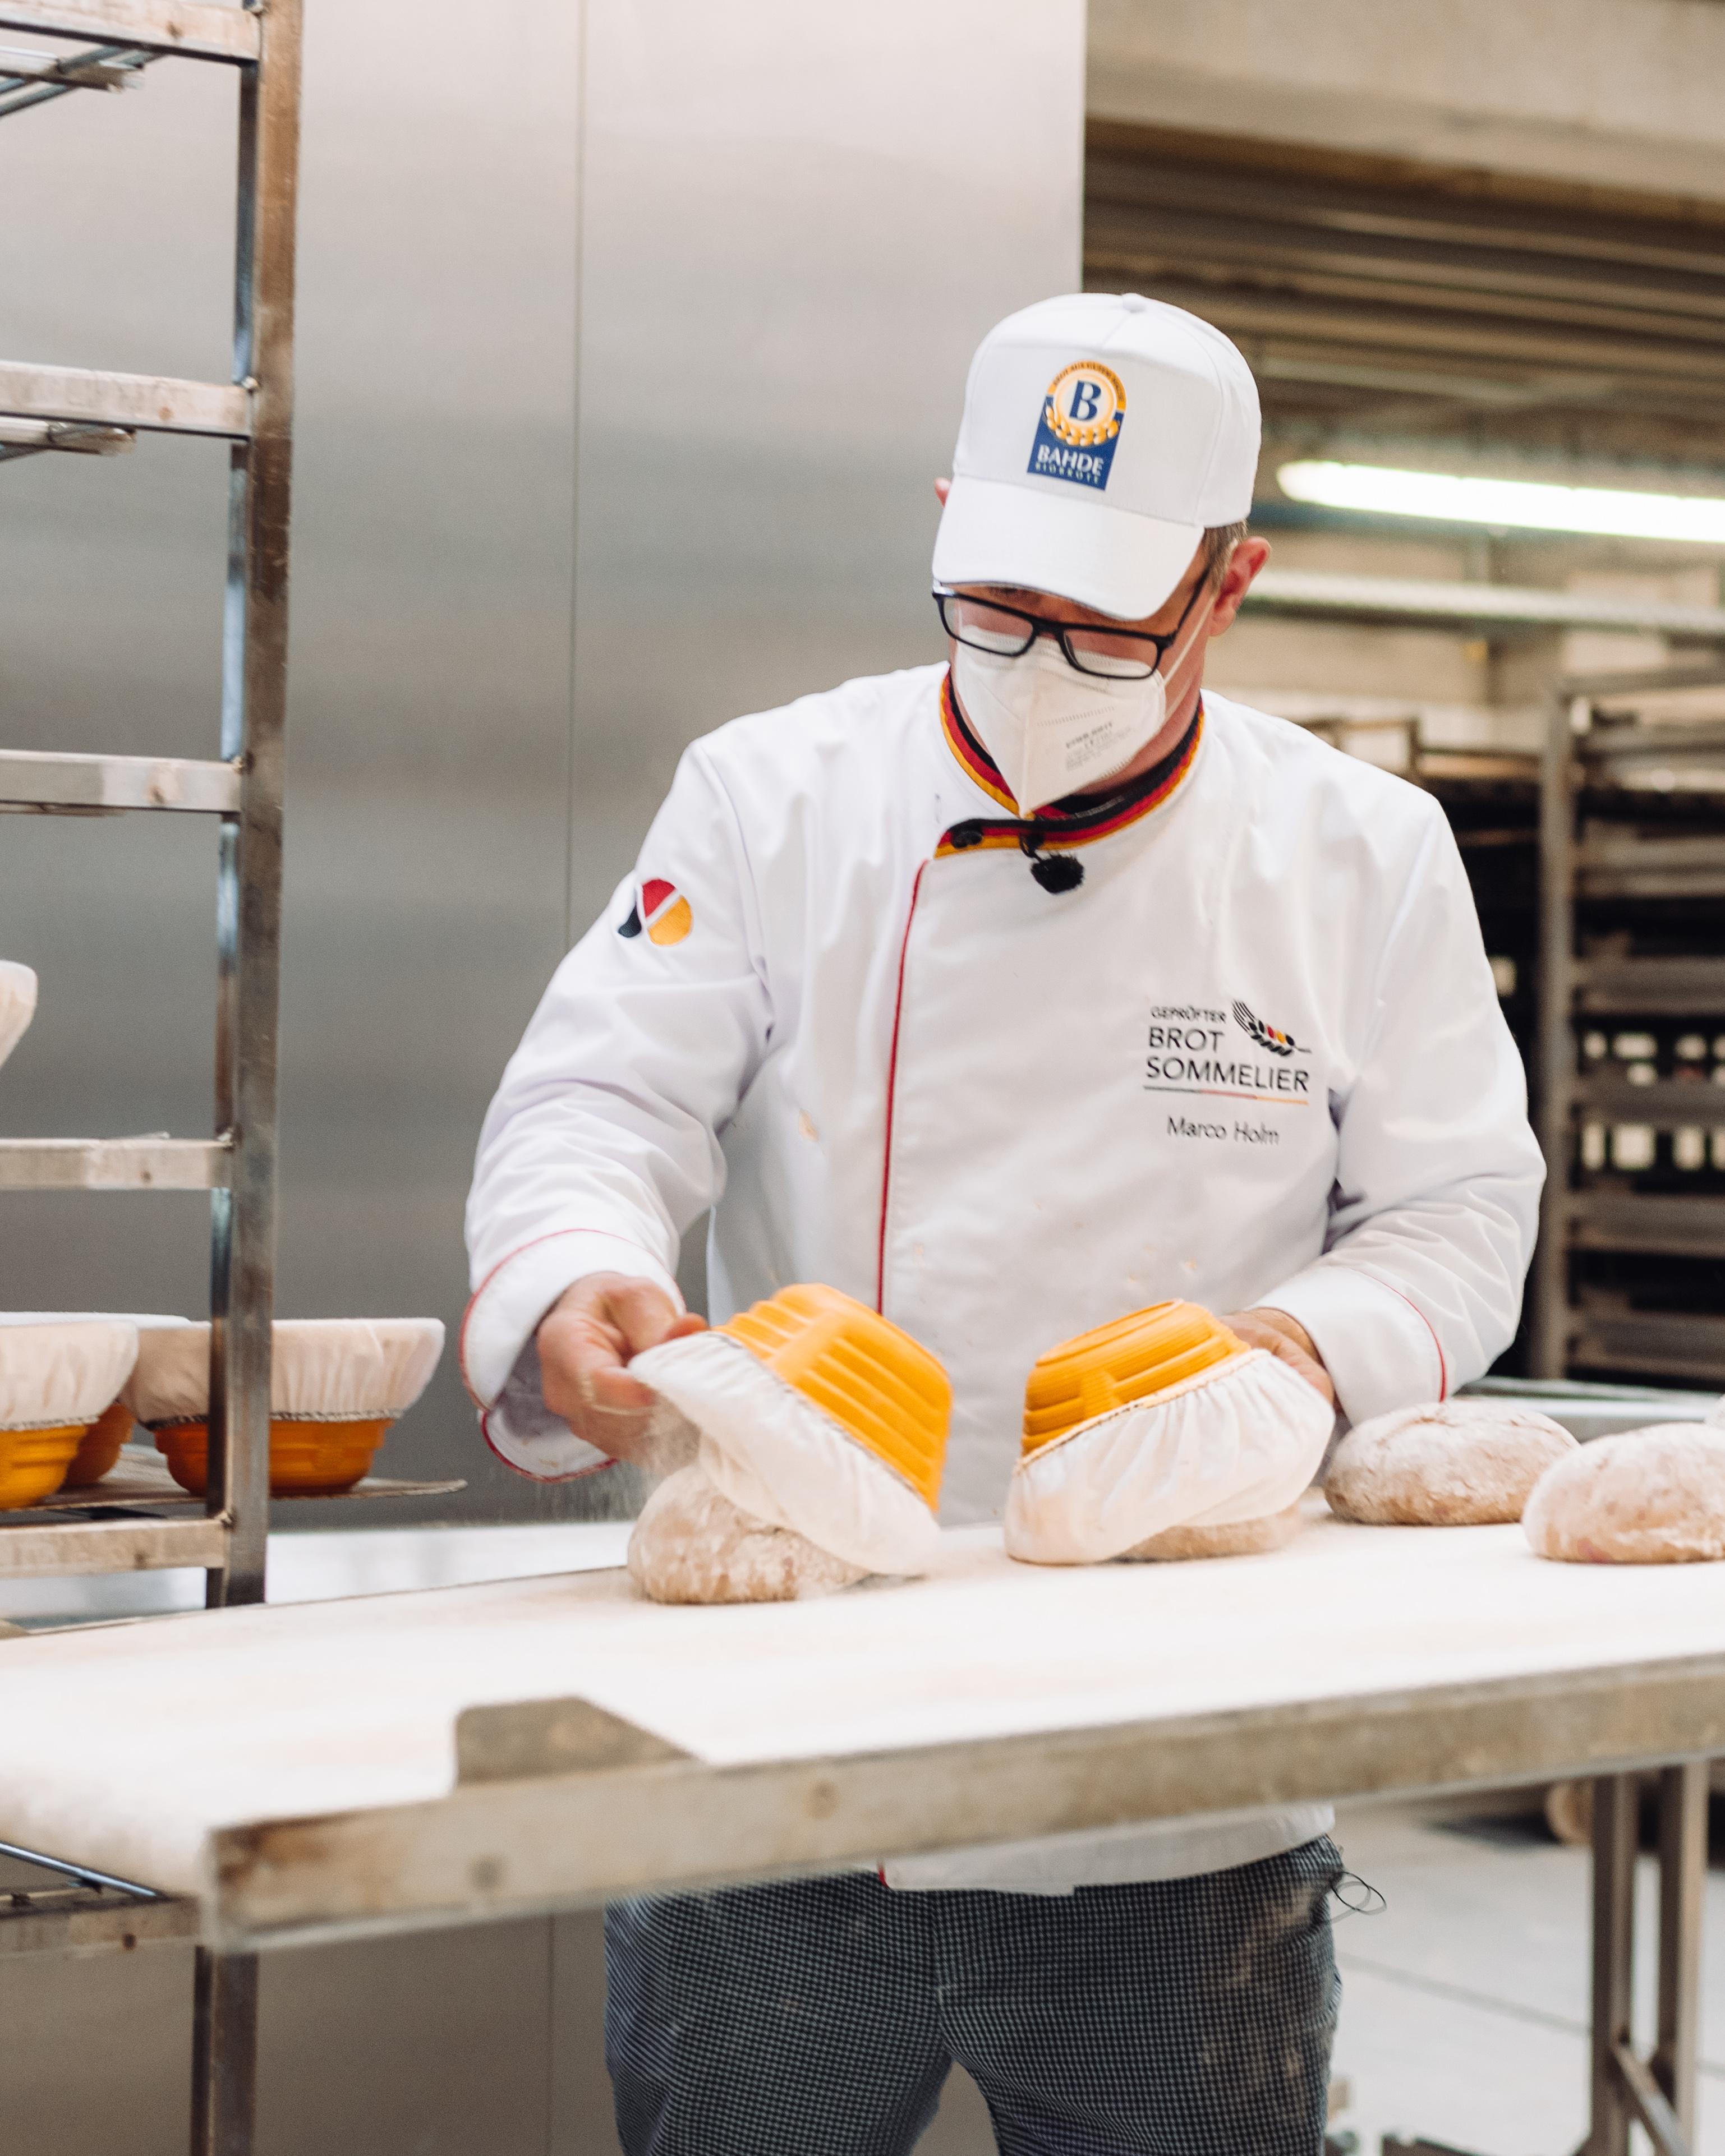 Brot-Sommelier und Bäckermeister Marco Holm beim Abkippen der NullProzent-Kruste auf den Abziehwagen.